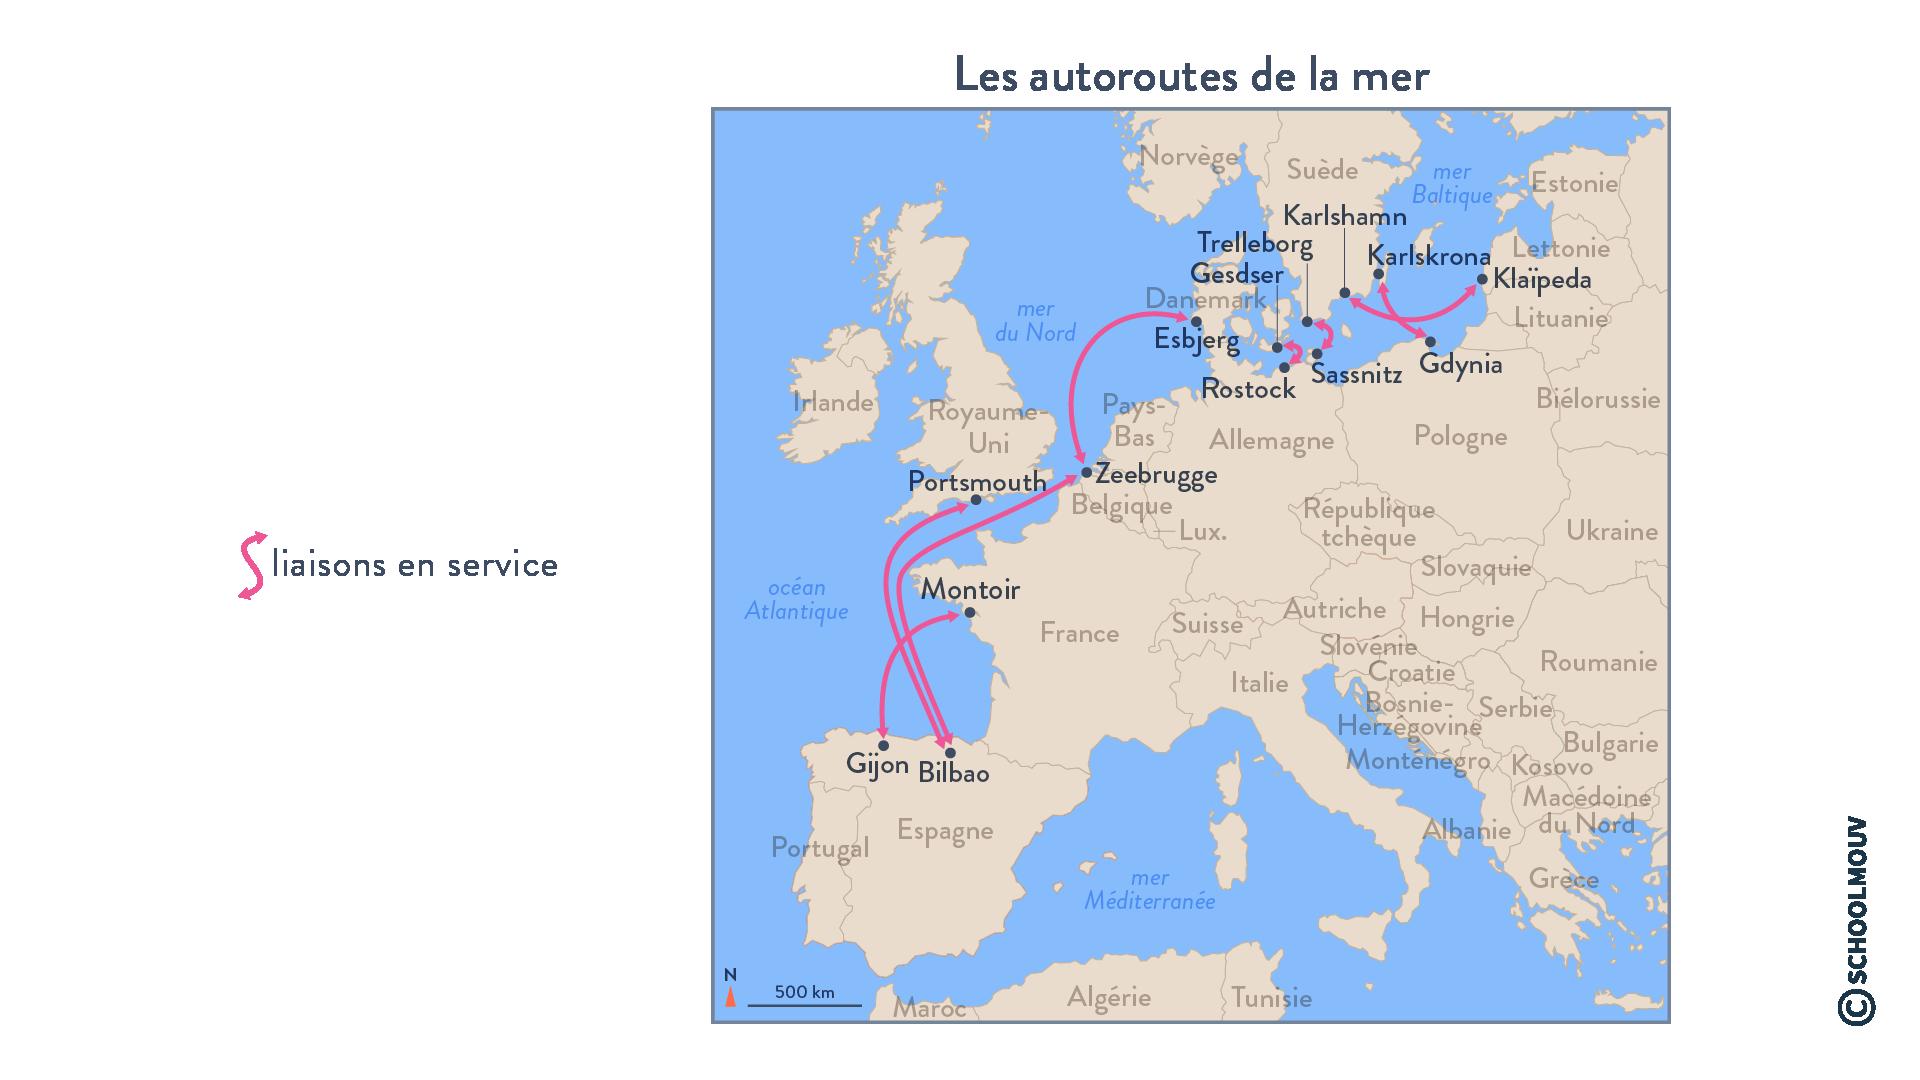 Les autoroutes de la mer - Géographie - Terminale - SchoolMouv